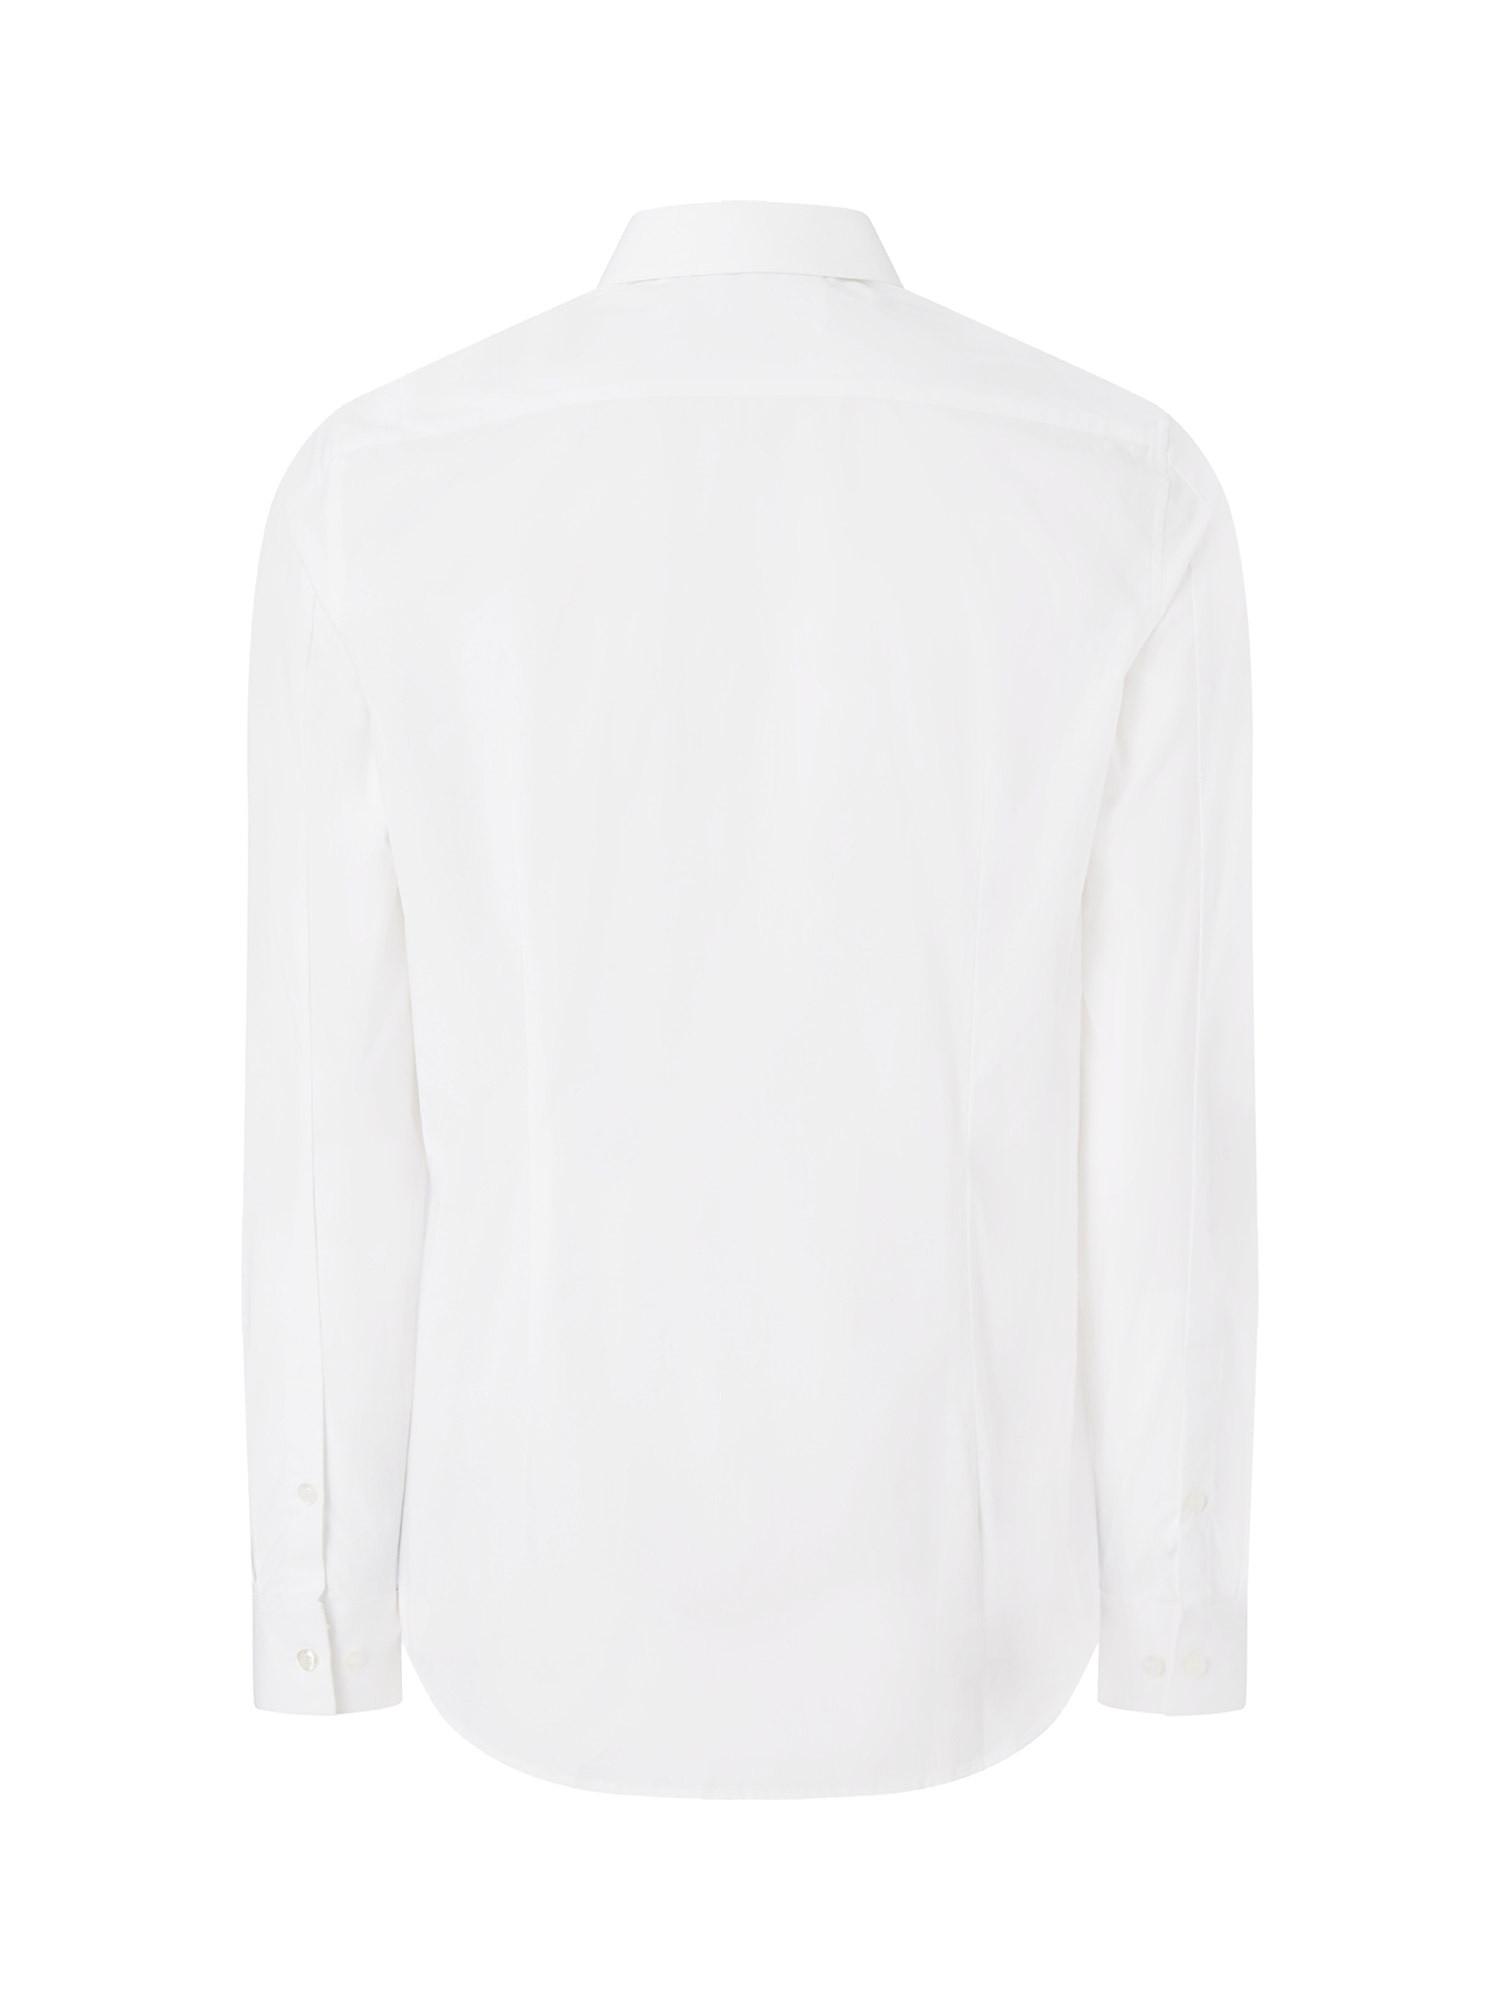 Camicia in cotone elasticizzato, Bianco, large image number 2